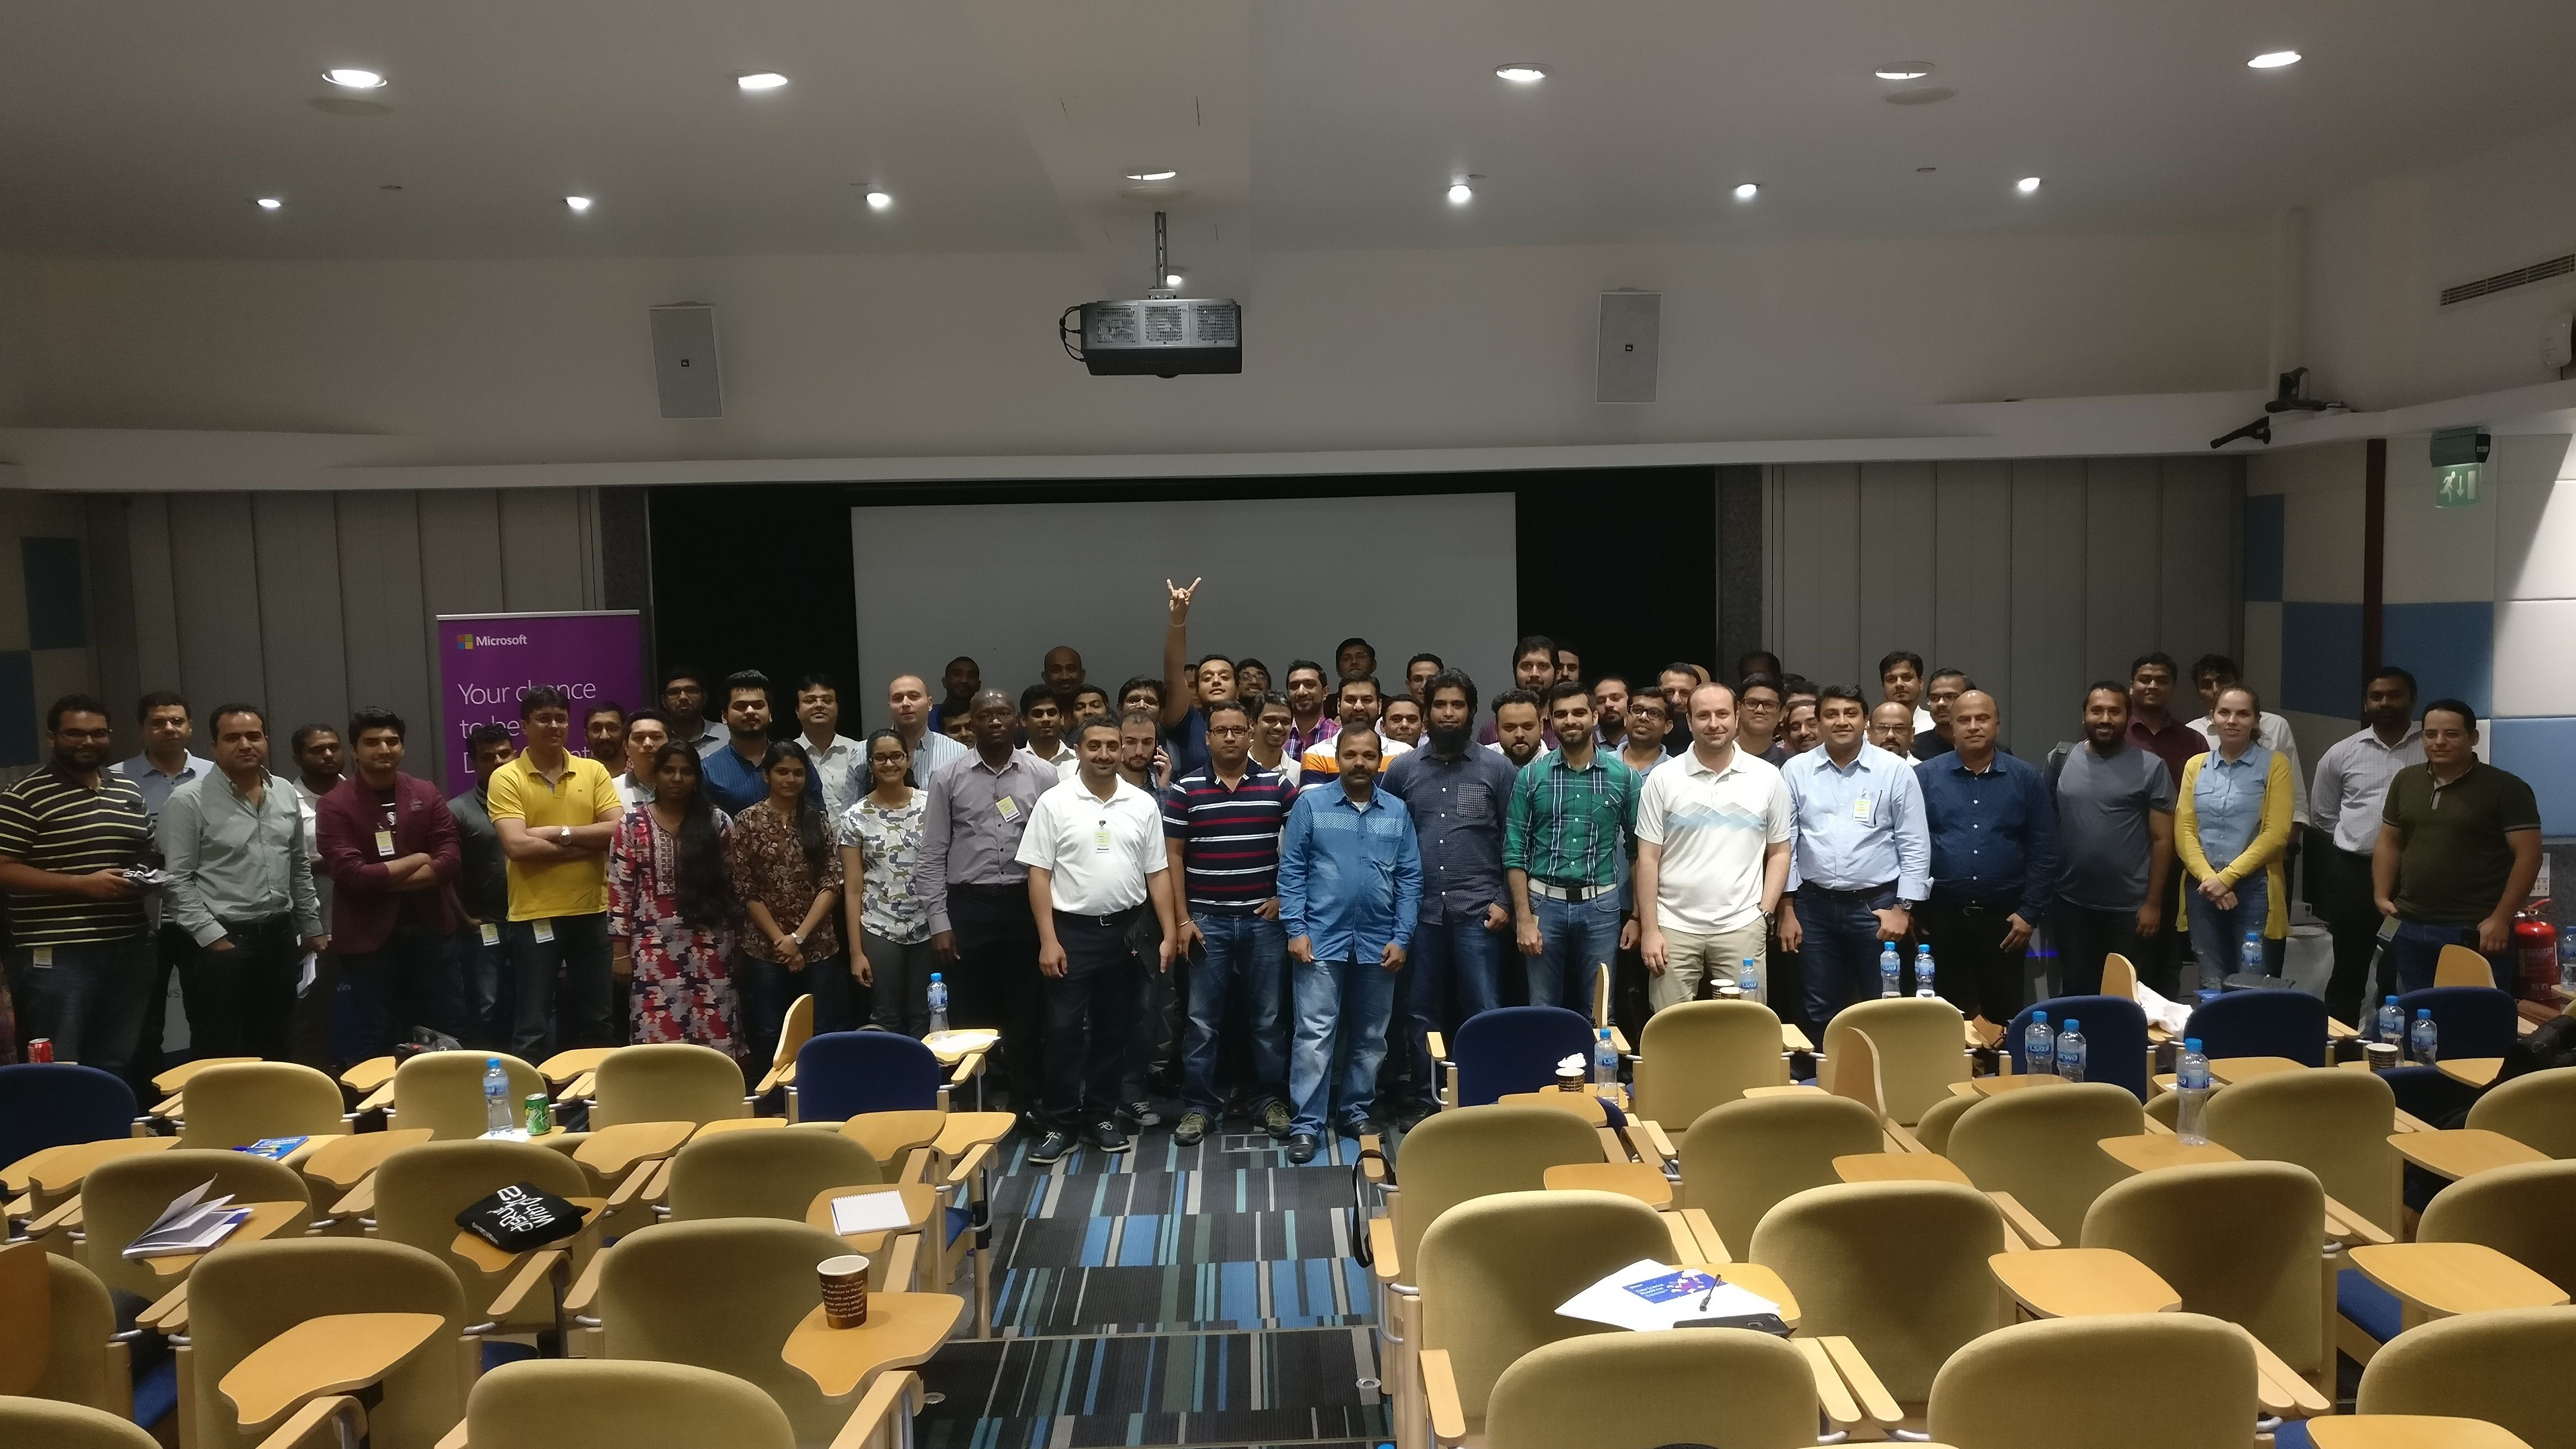 SQL Server User Group Dubai